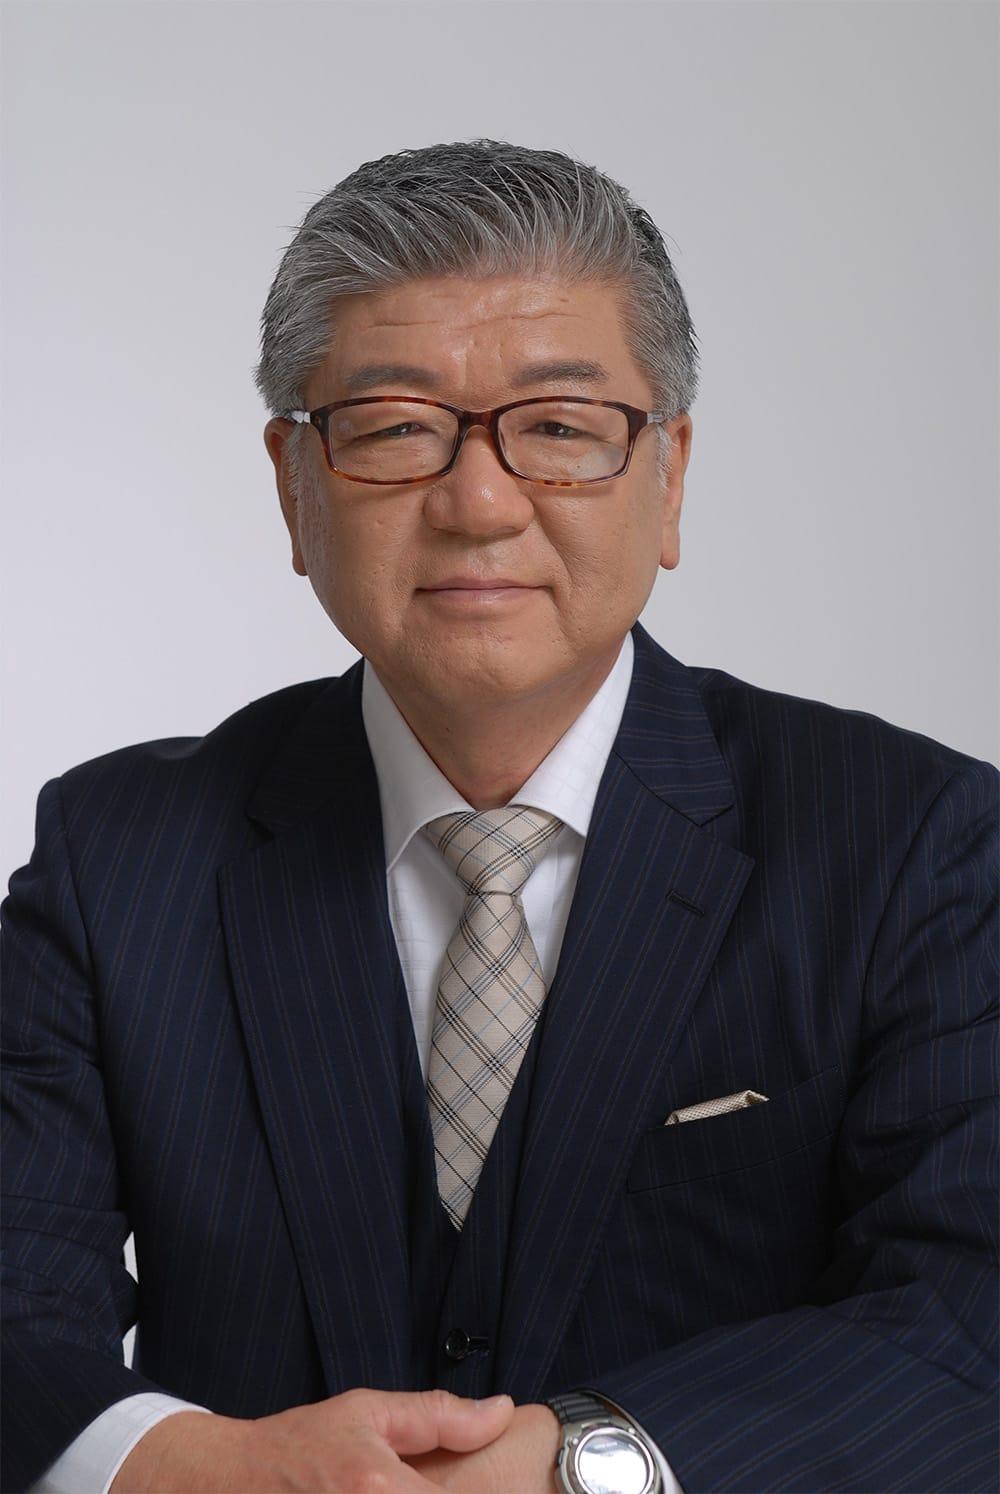 増永 昇司(ますなが しょうじ)